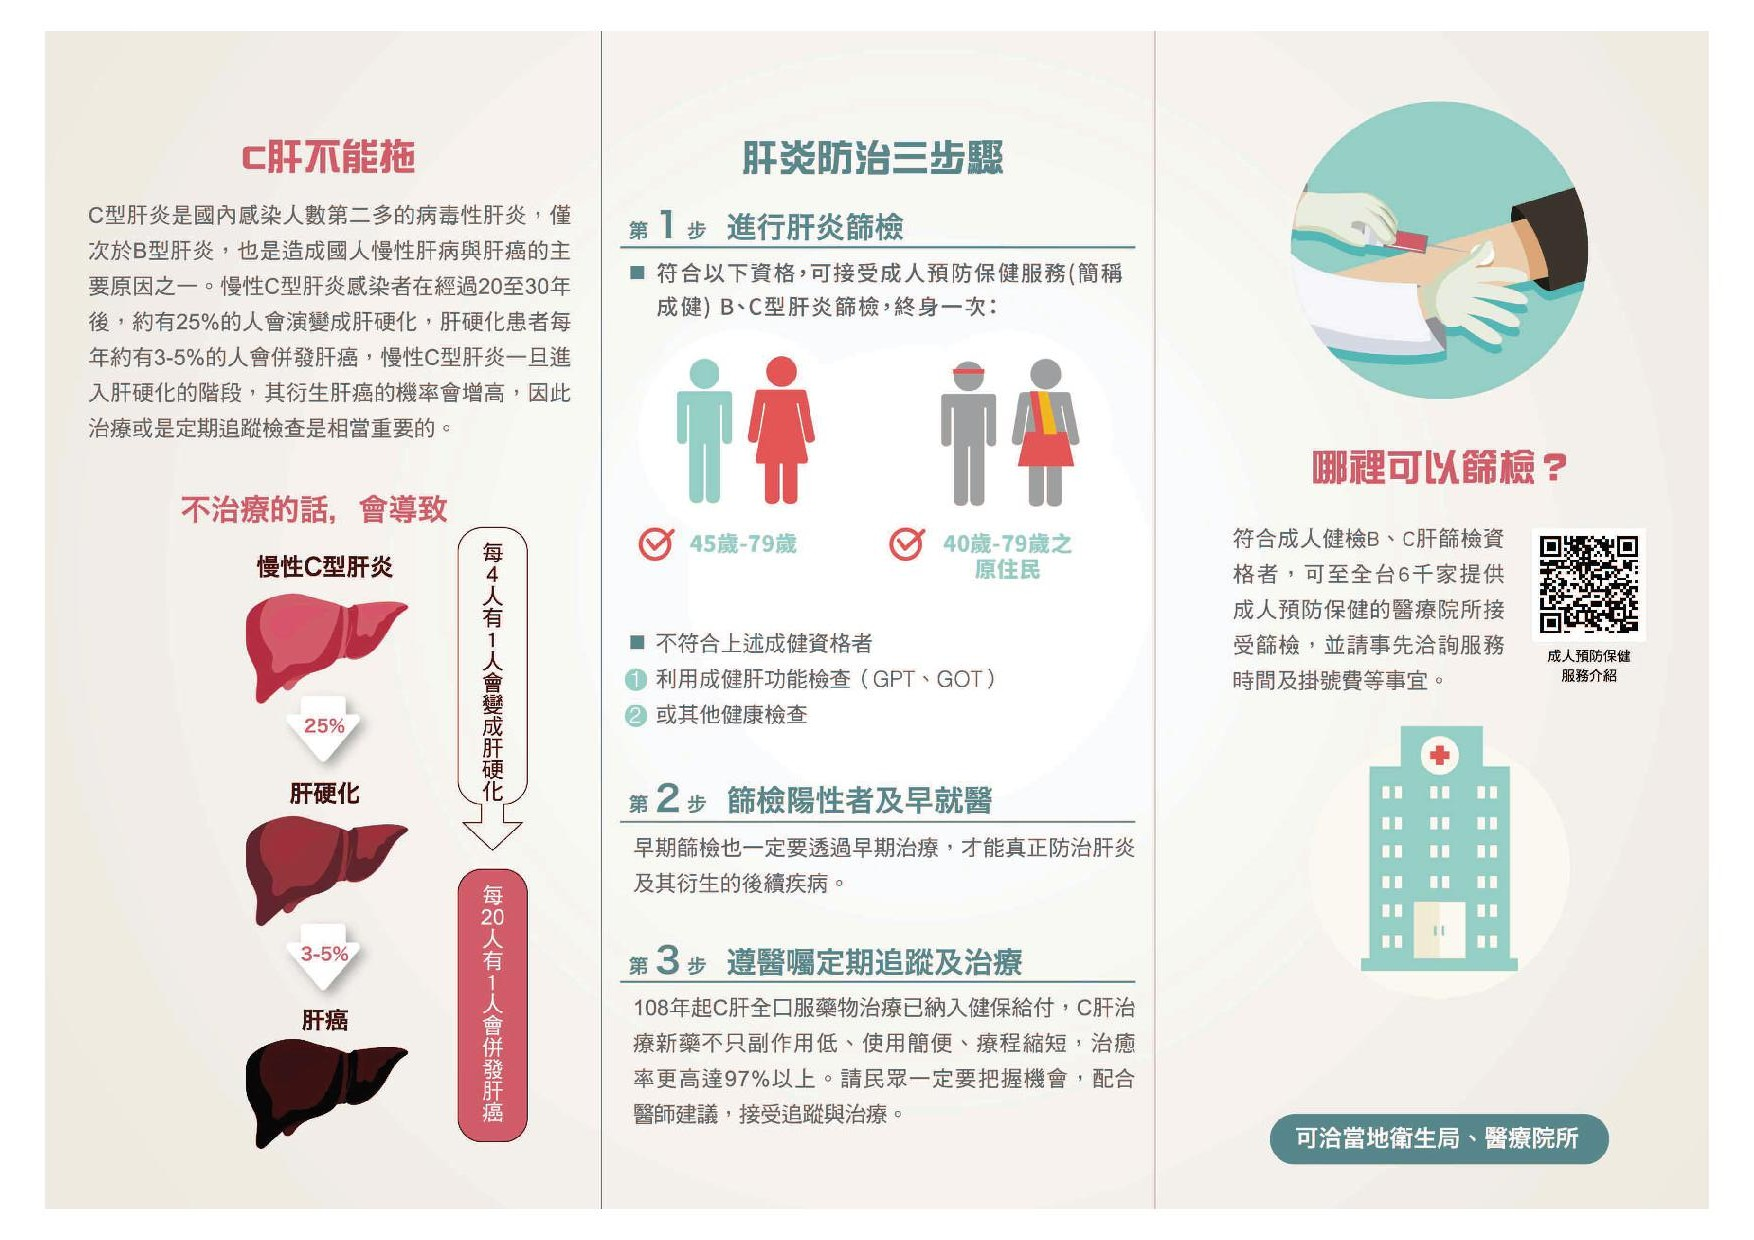 高雄市政府衛生局成人預防保健BC型肝炎擴大篩檢衛教宣導